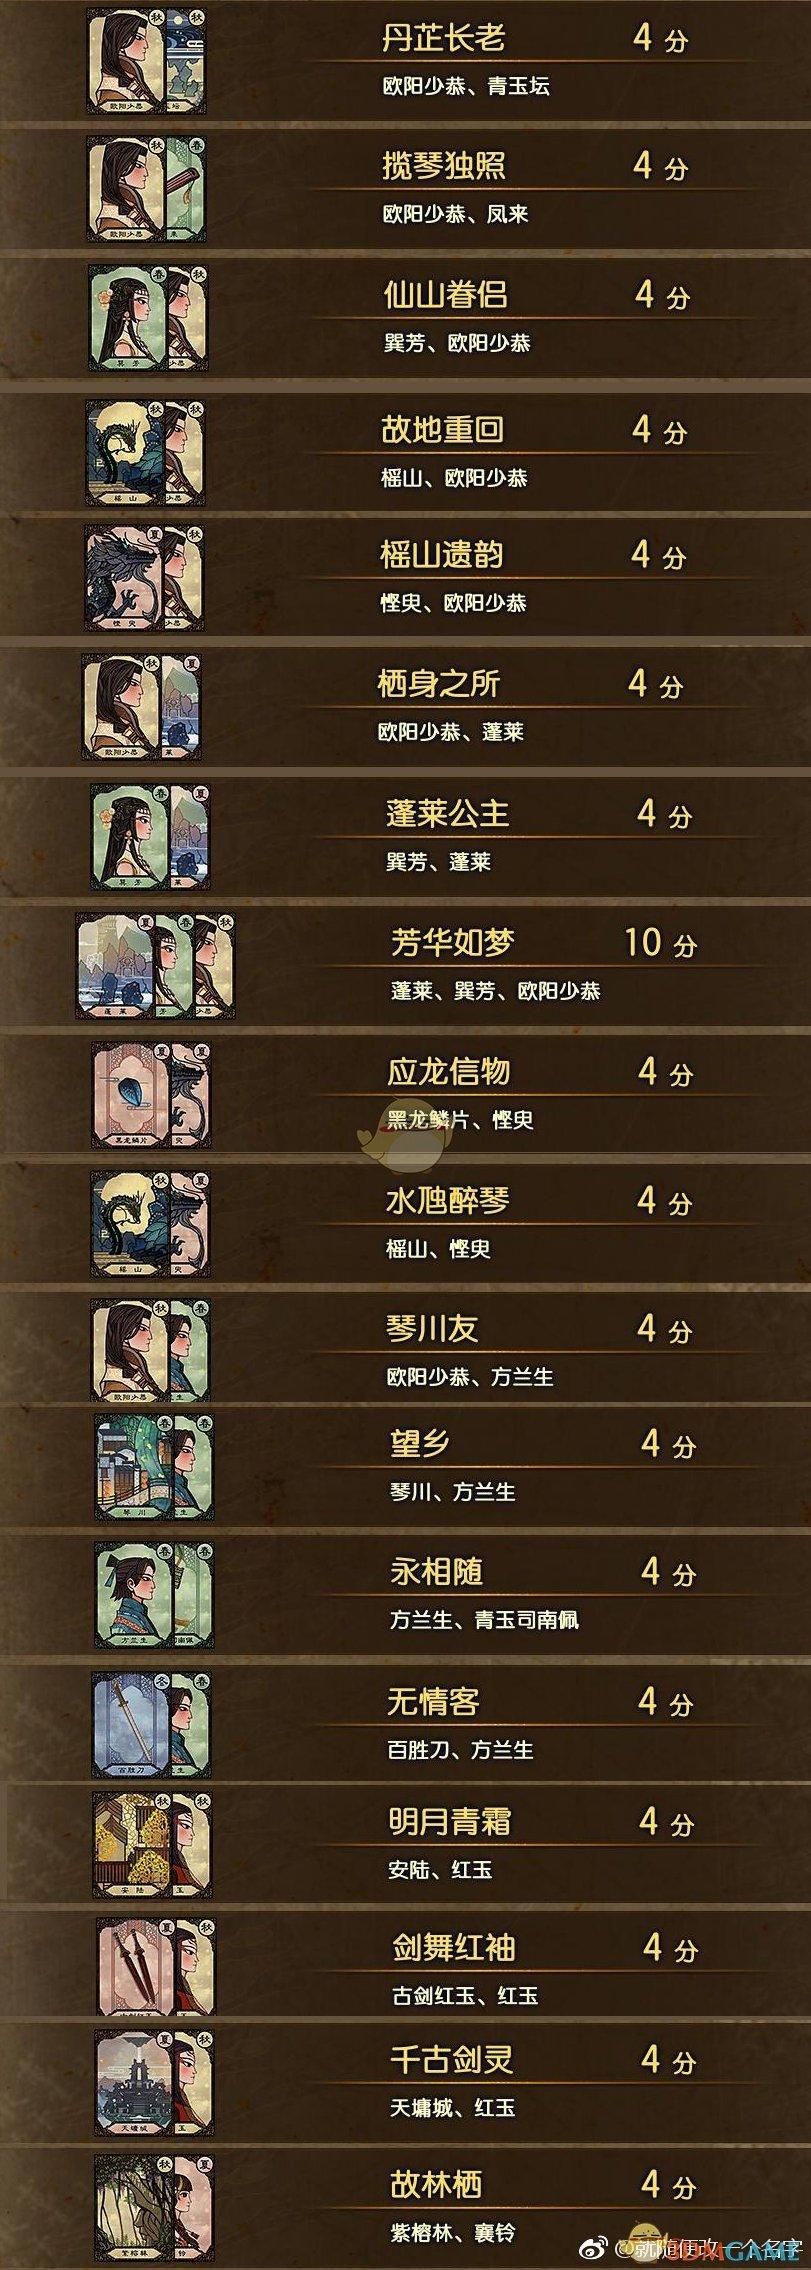 《古剑奇谭3》千秋戏全组合一览